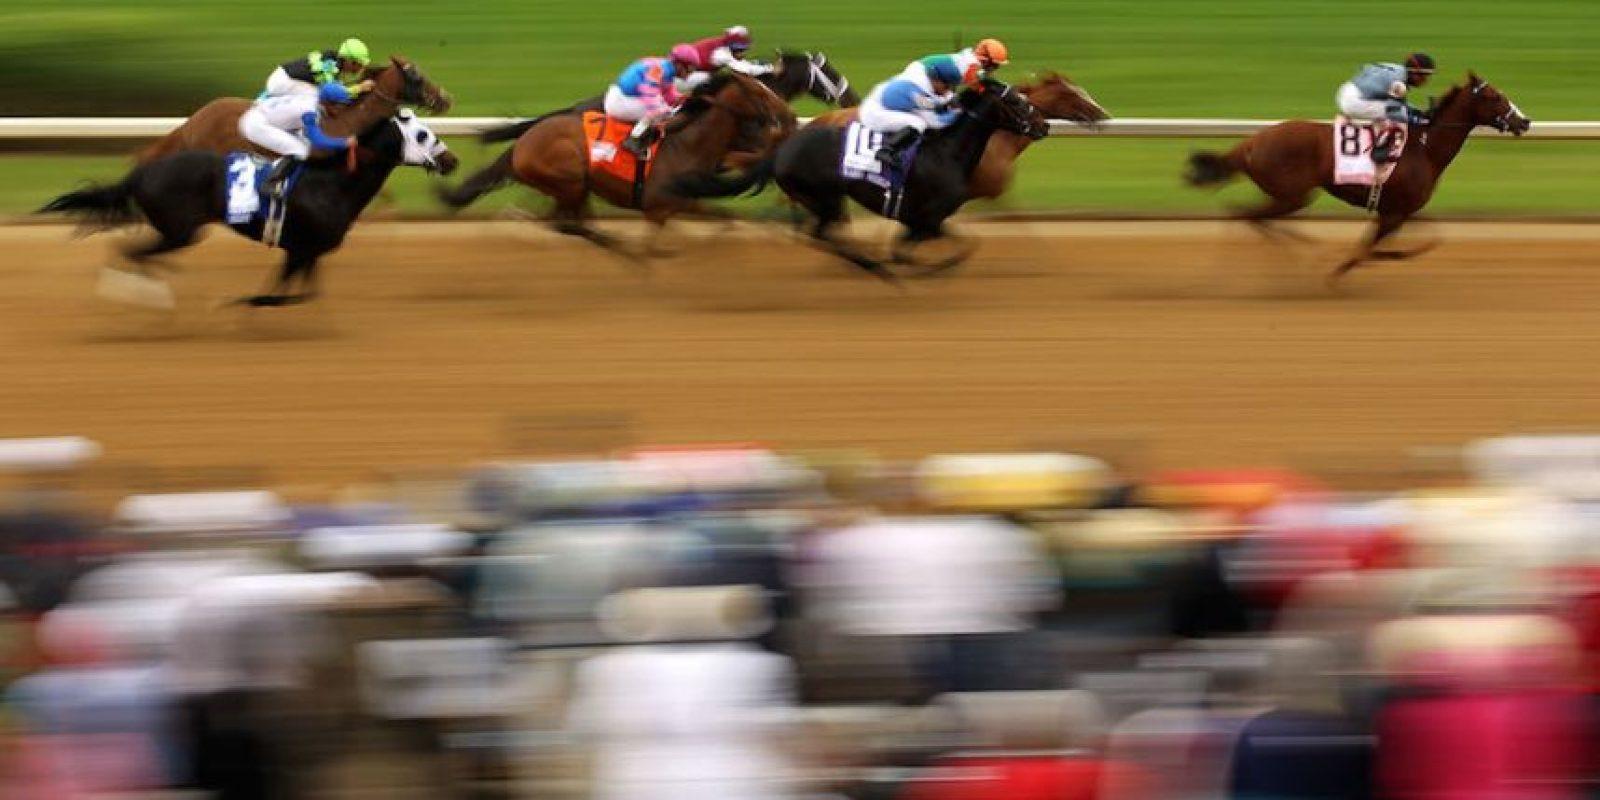 La popular carrera de caballos pedirá a los portadores que los tiren a la basura. Foto:Getty Images